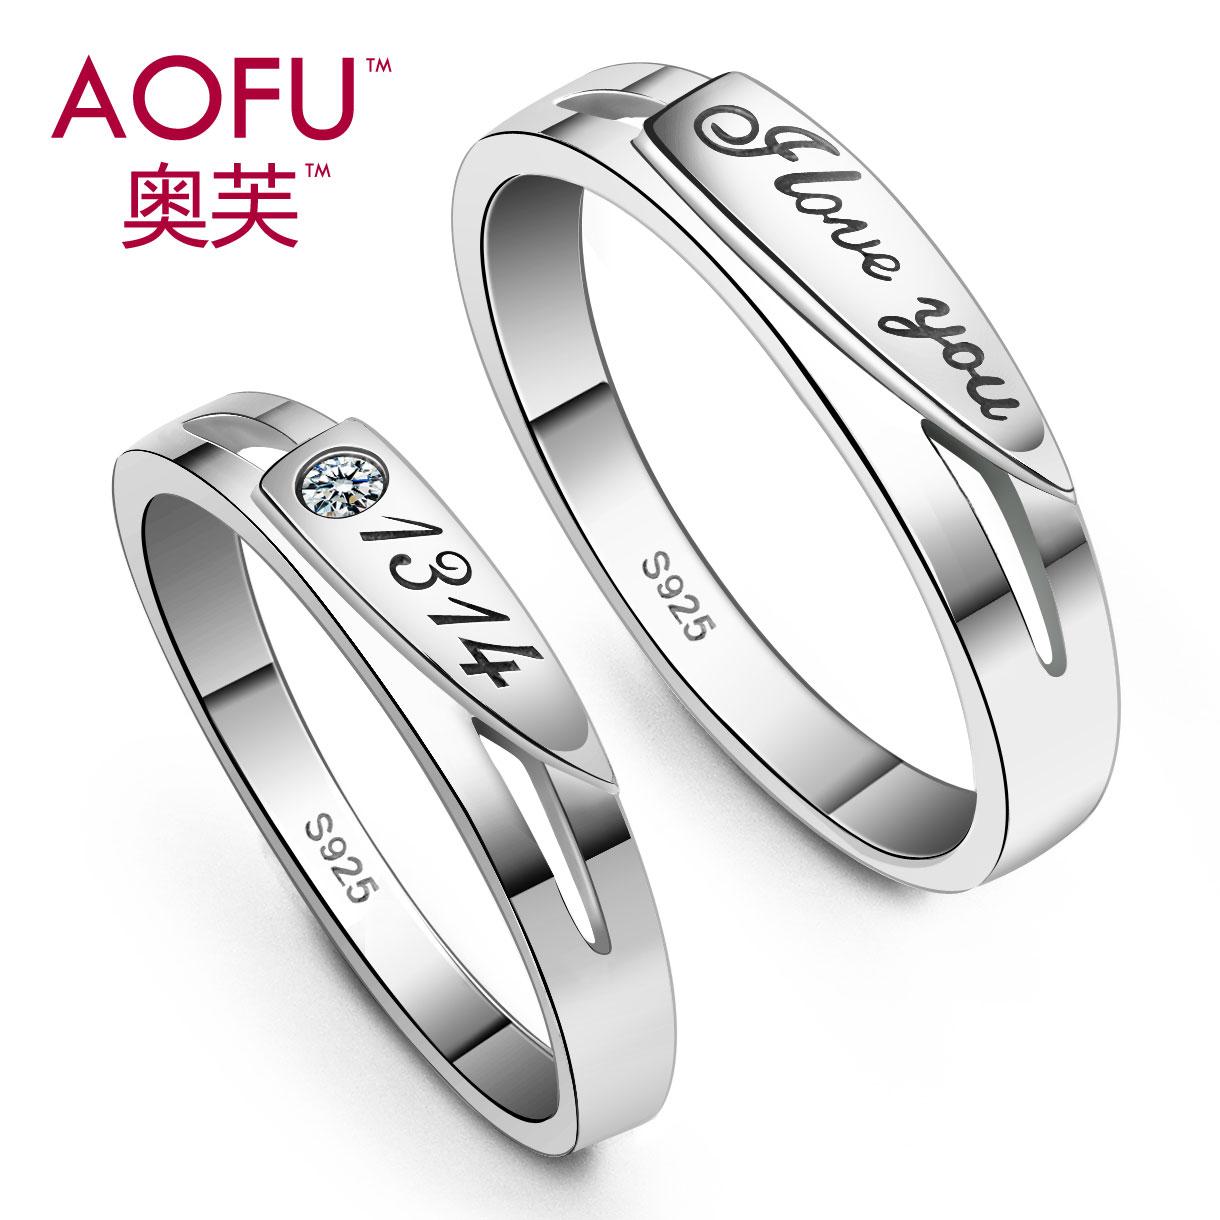 奥芙 925纯银戒指 女 情侣戒指 韩版创意情侣对戒 指环刻字银饰品